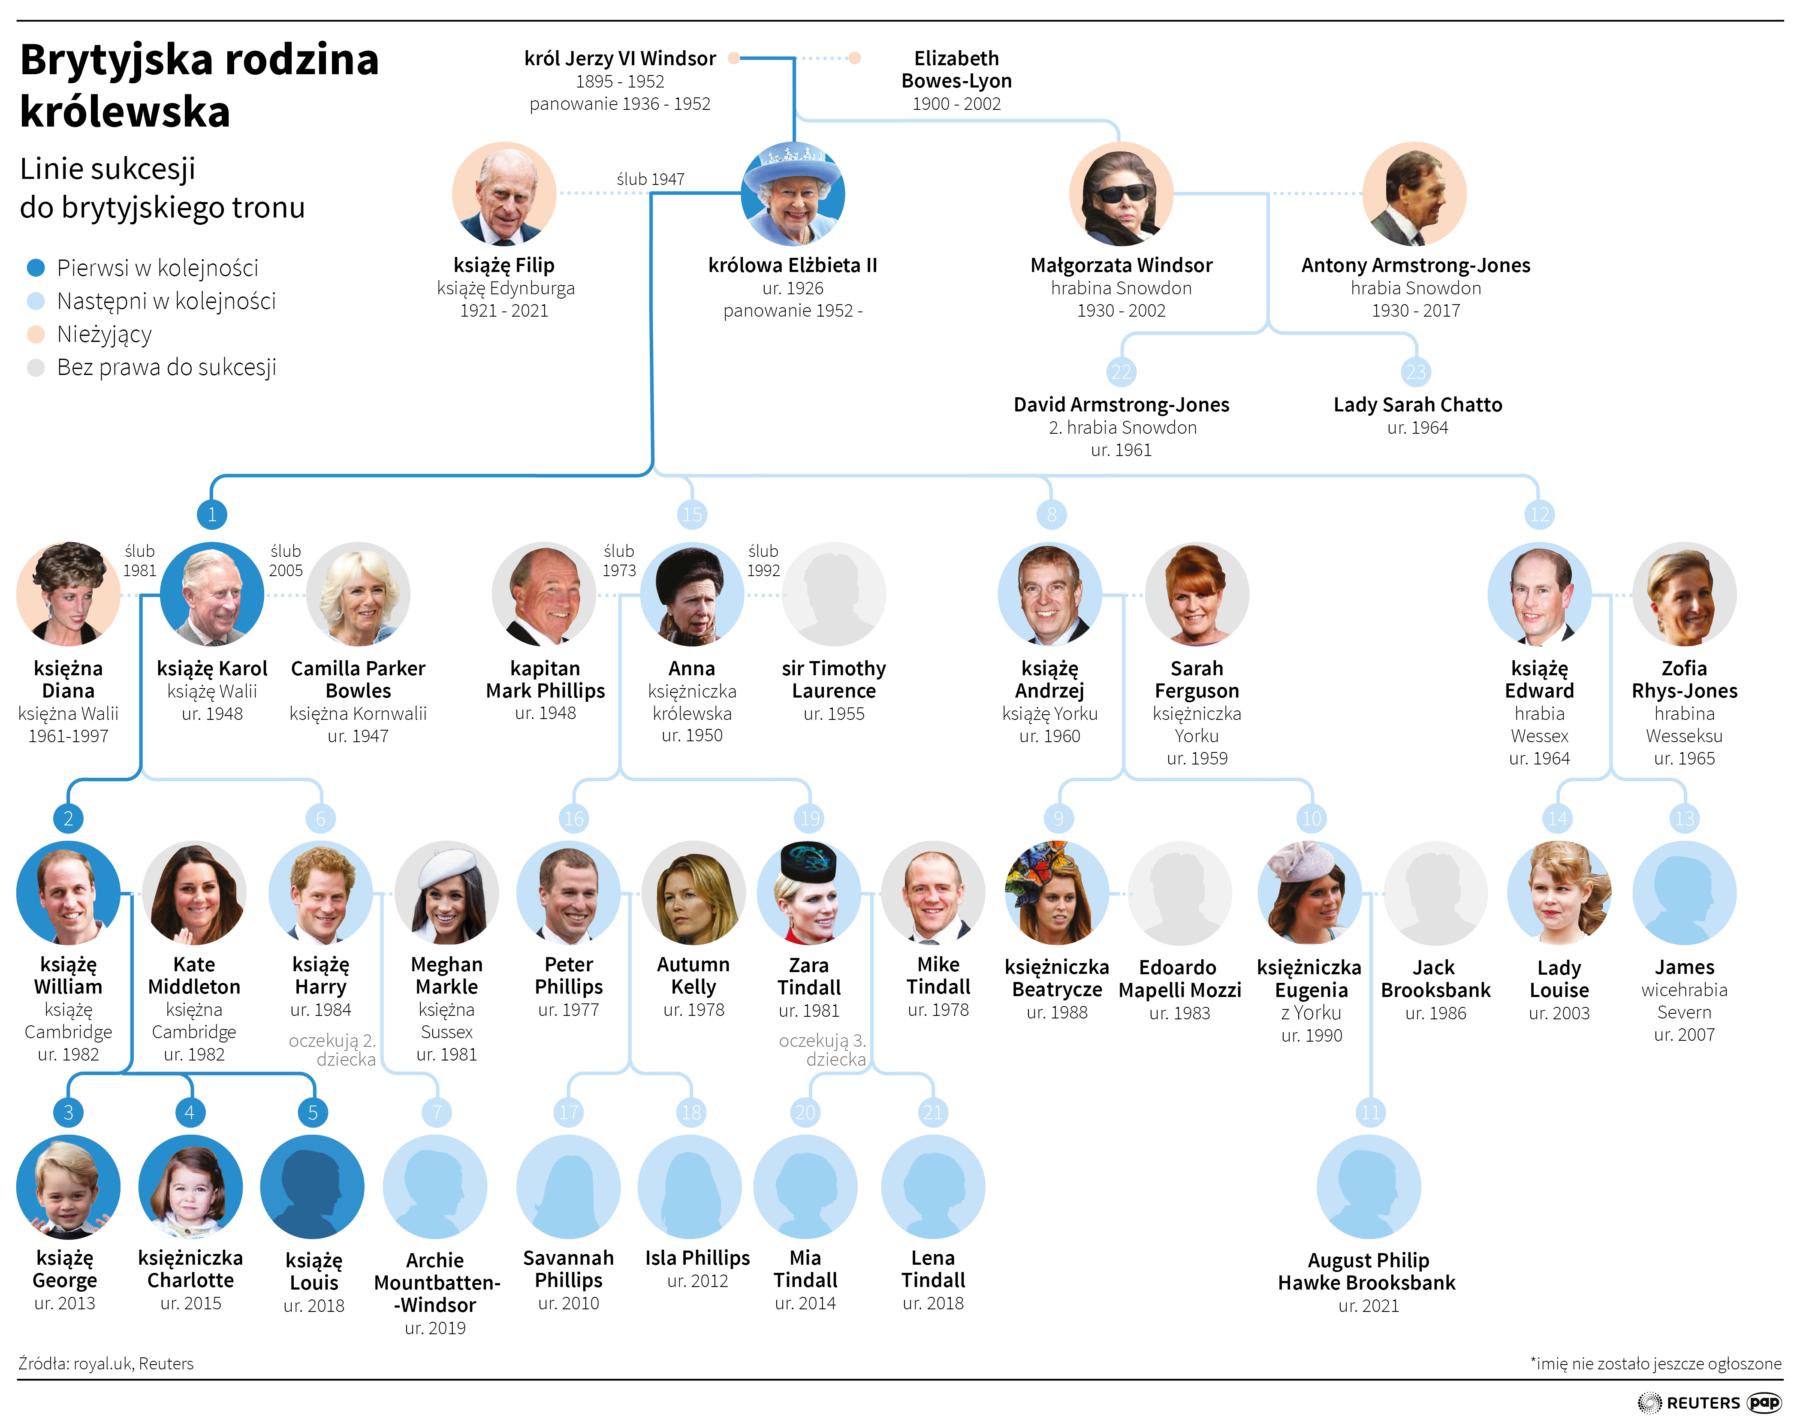 linie do brytyjskiego tronu